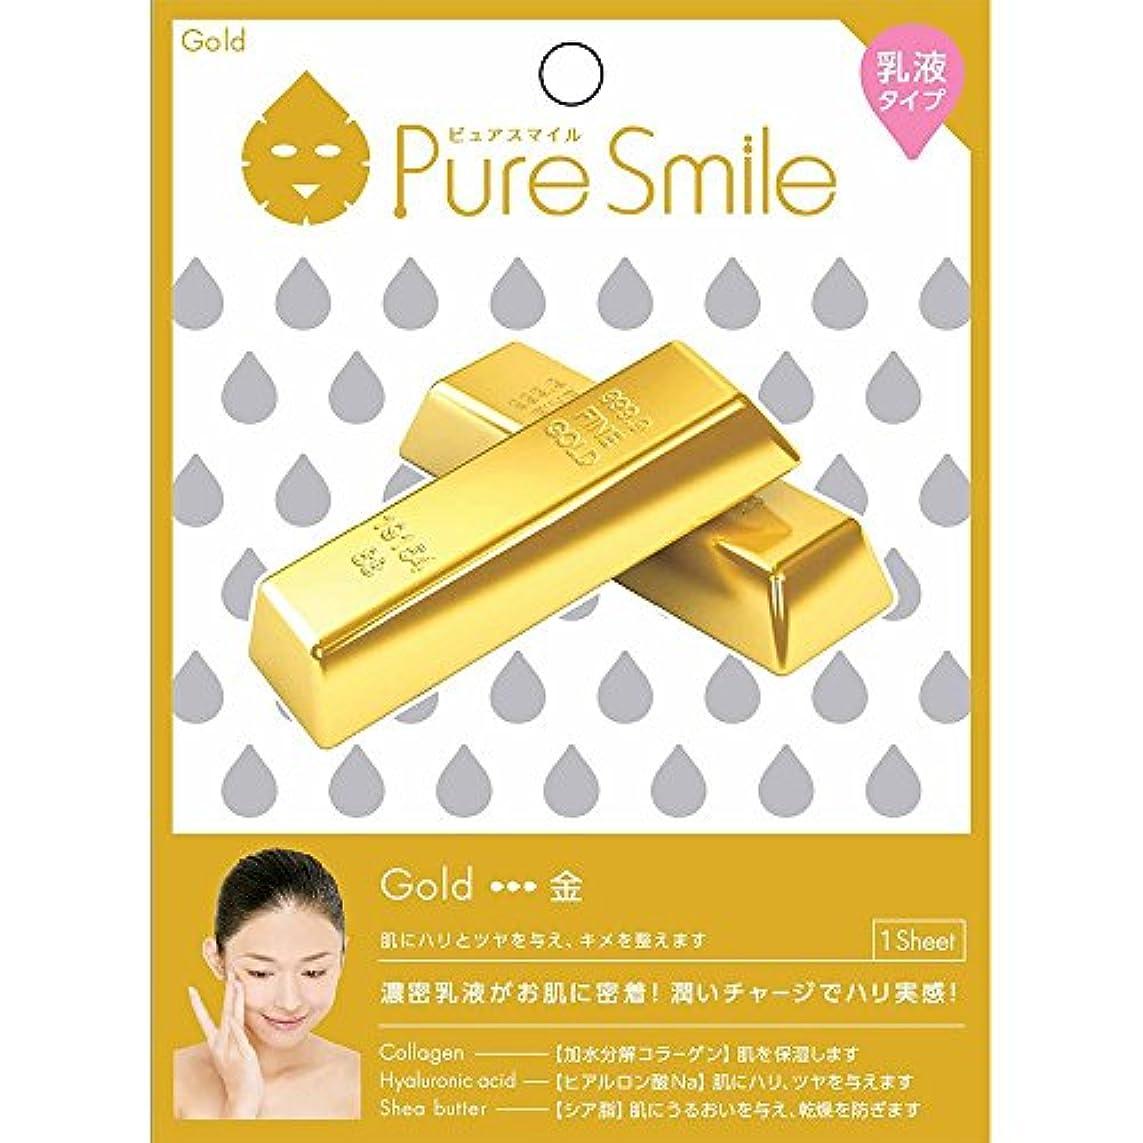 教授バターアジア人Pure Smile(ピュアスマイル) 乳液エッセンスマスク 1 枚 金